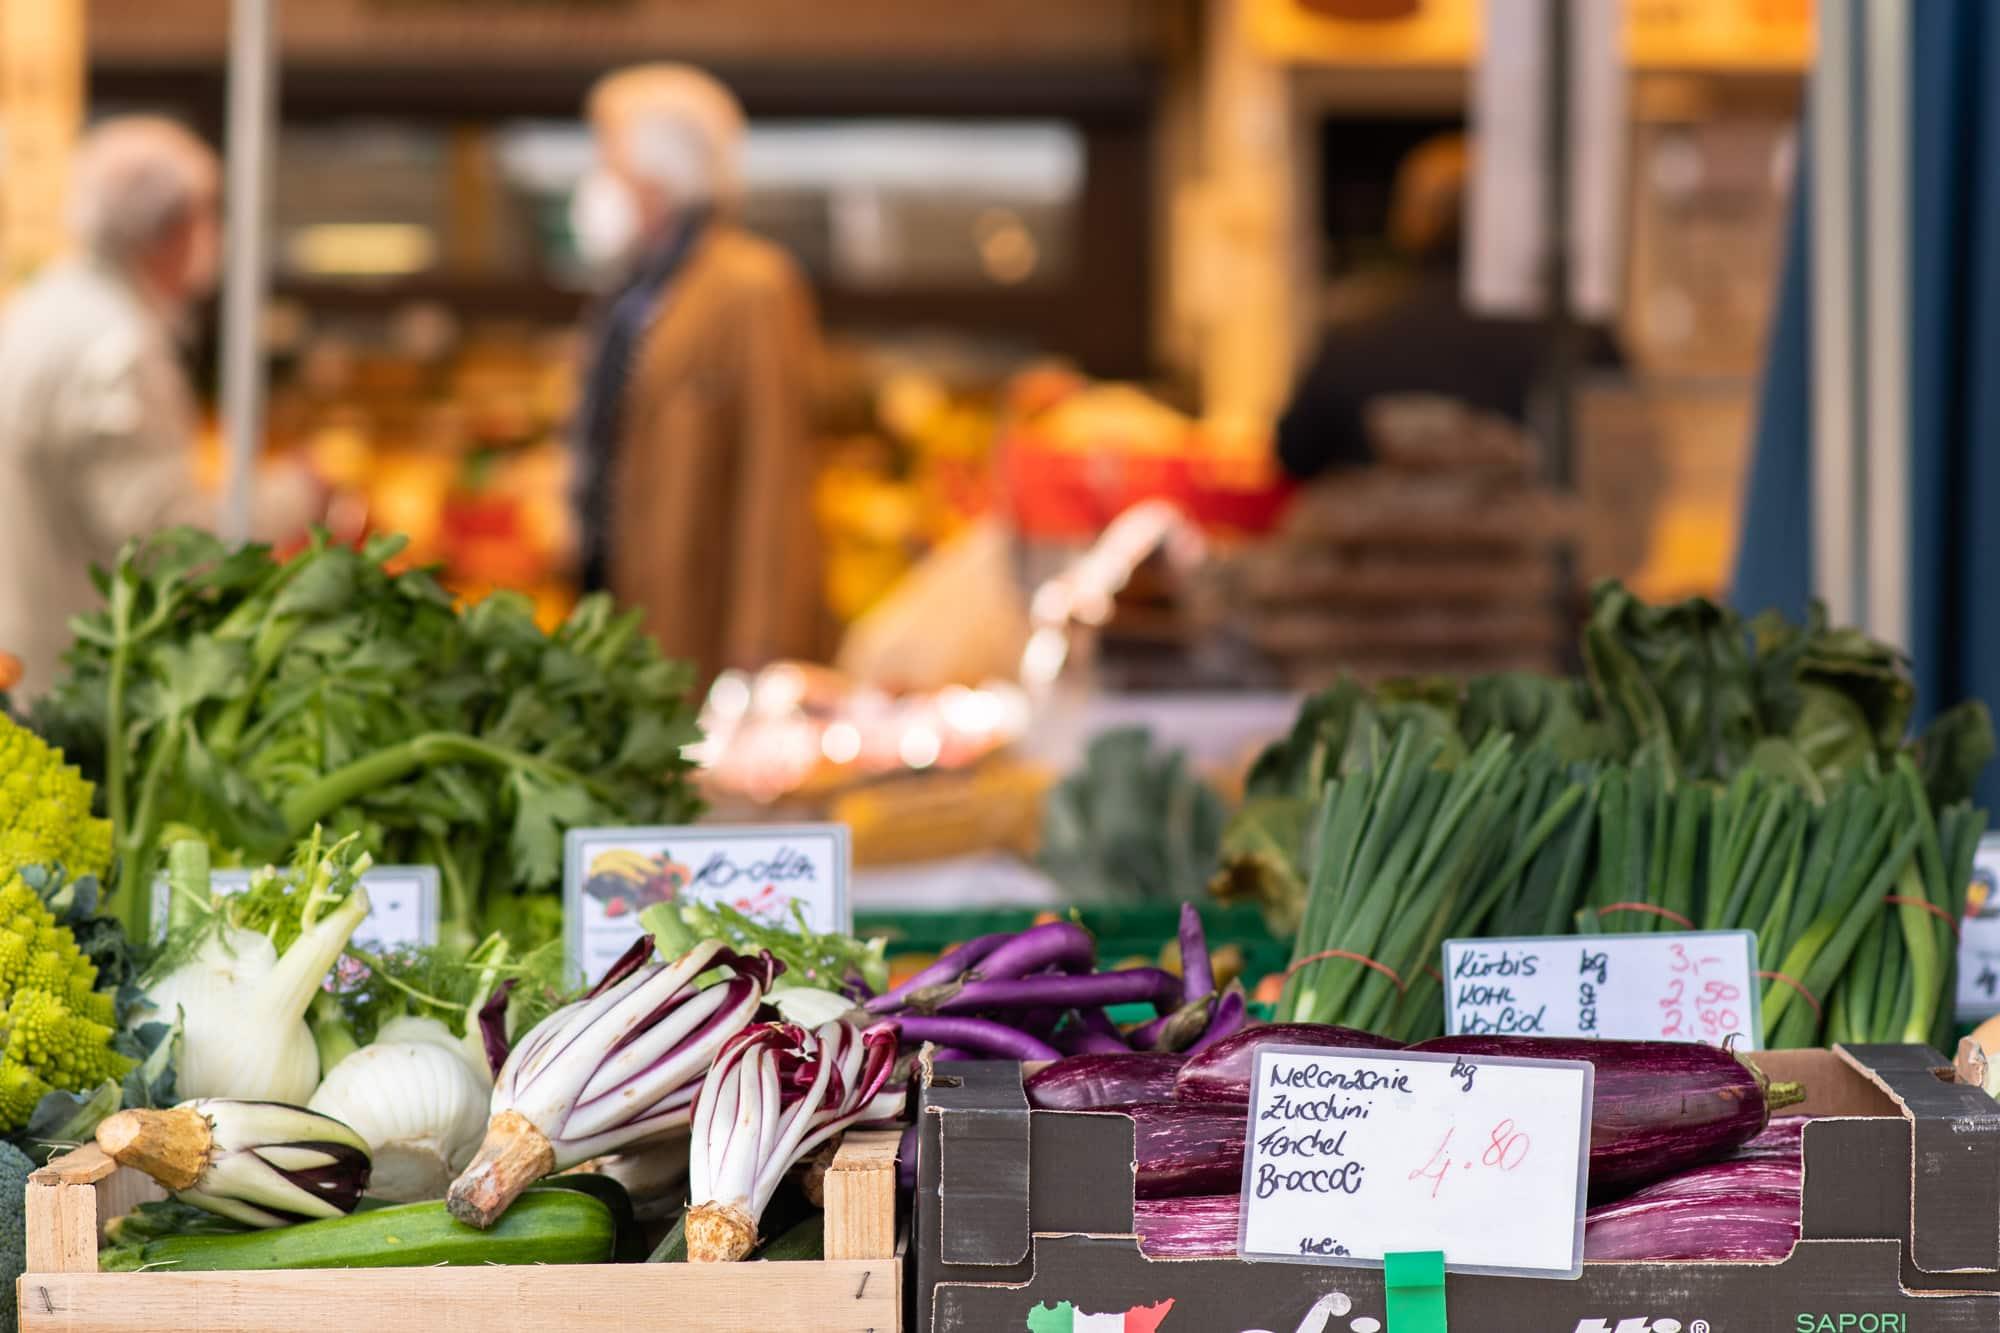 Gemüsestand am Benediktinermarkt (c) KLAMAG, NH